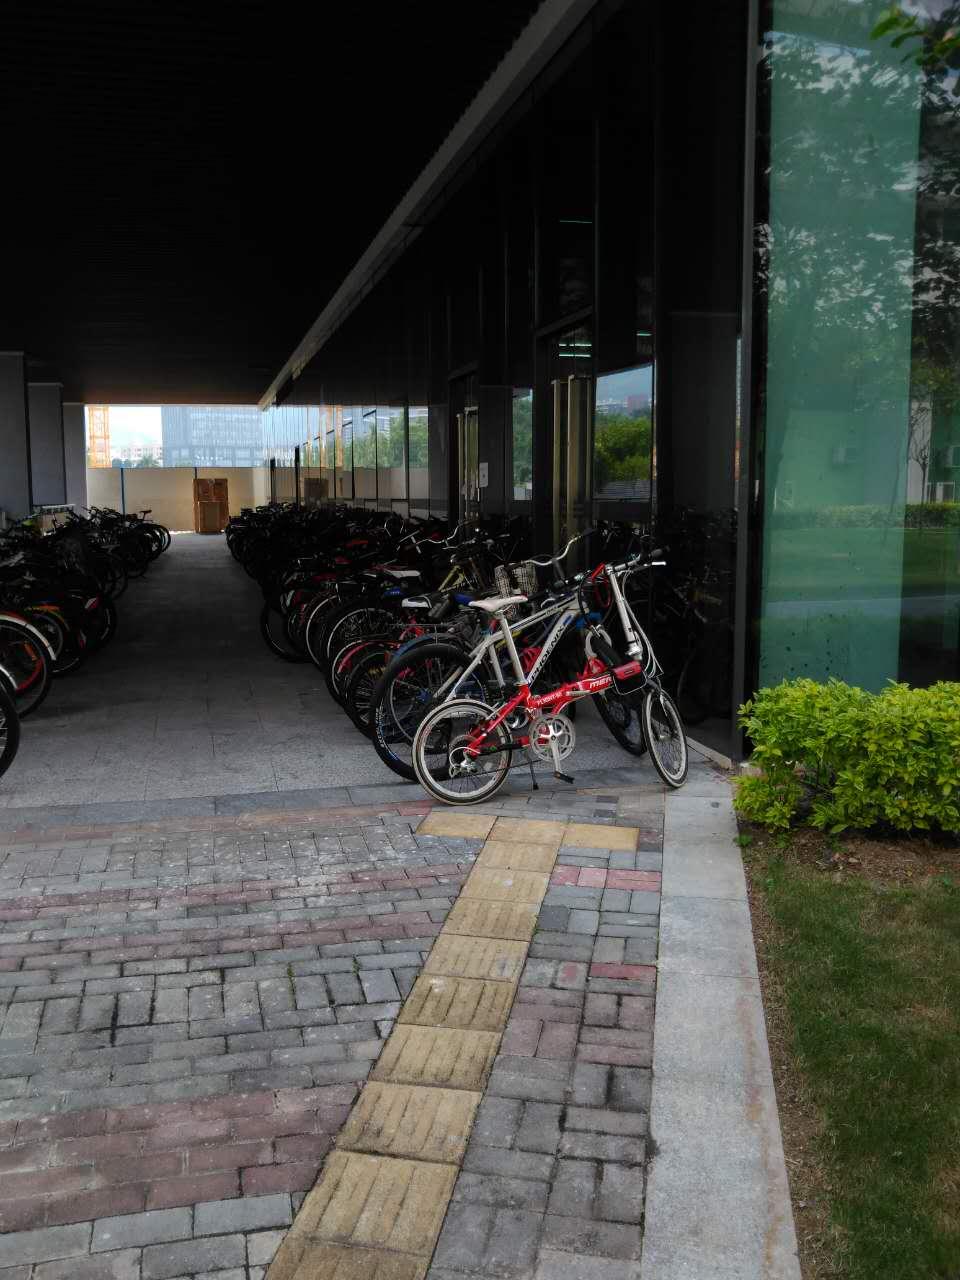 Blindenweg auf dem Campus der SUSTC, Shenzhen. Bild: Florian Jung, 2016.